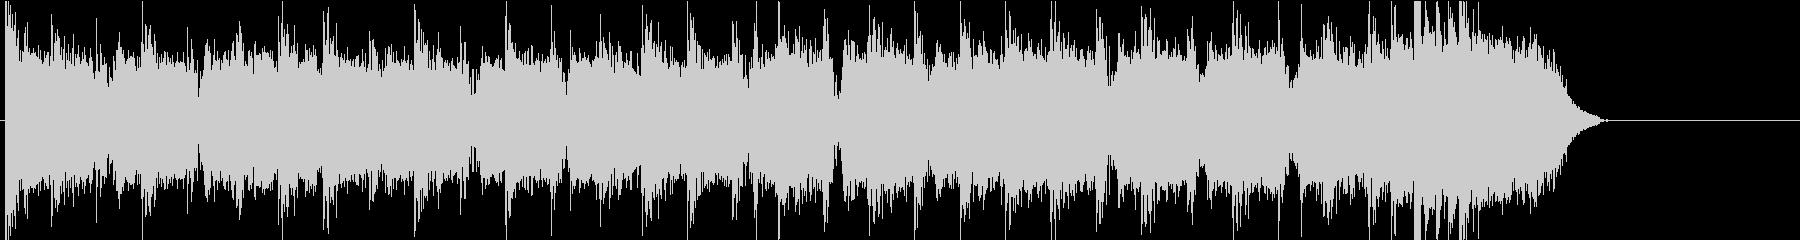 邦ロック風のジングルの未再生の波形